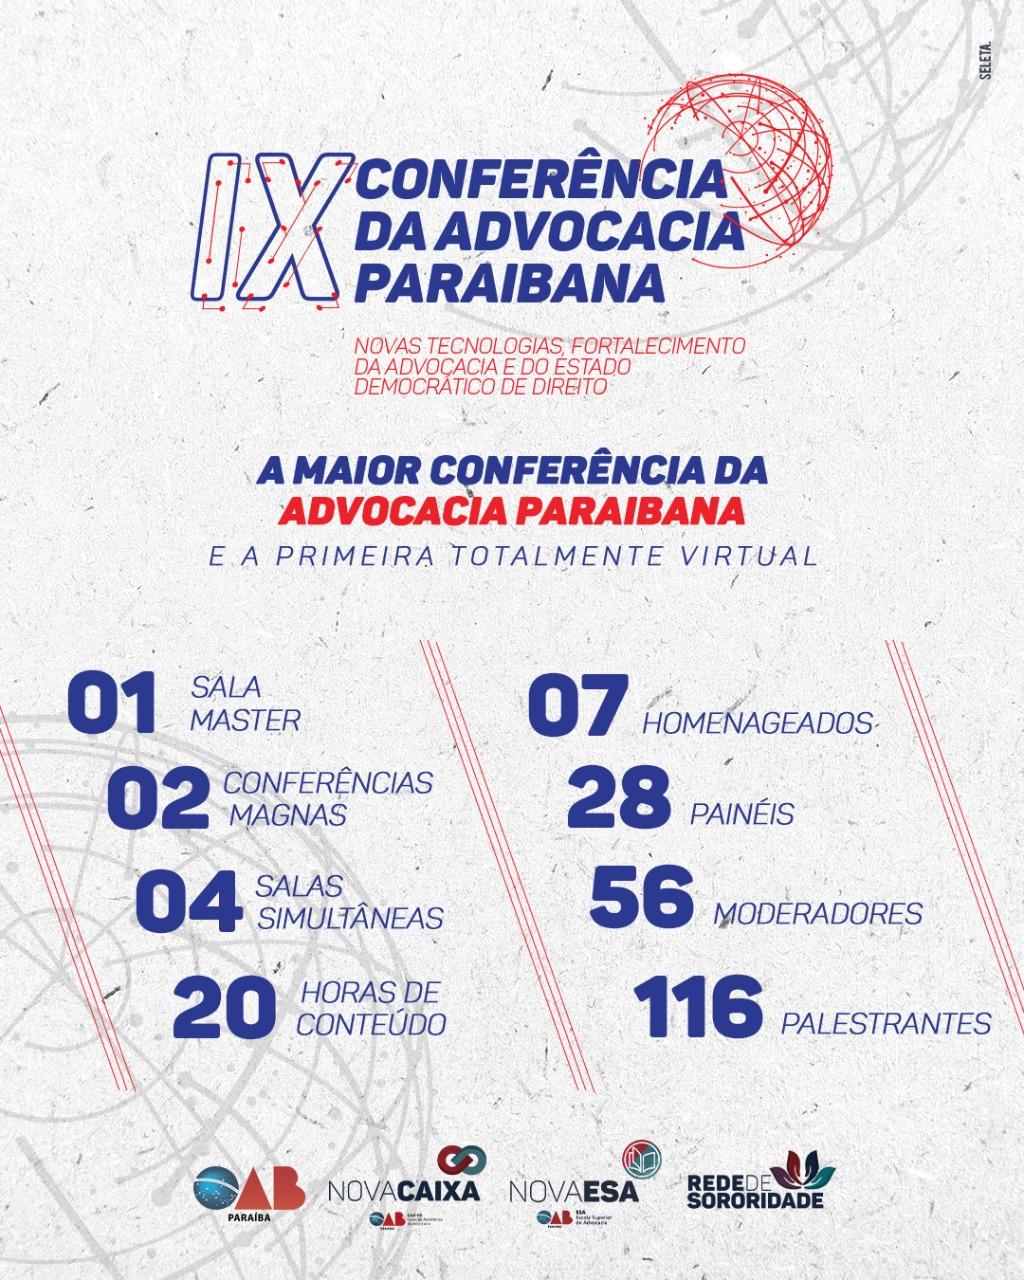 IX Conferência da Advocacia Paraibana está com inscrições abertas; participe